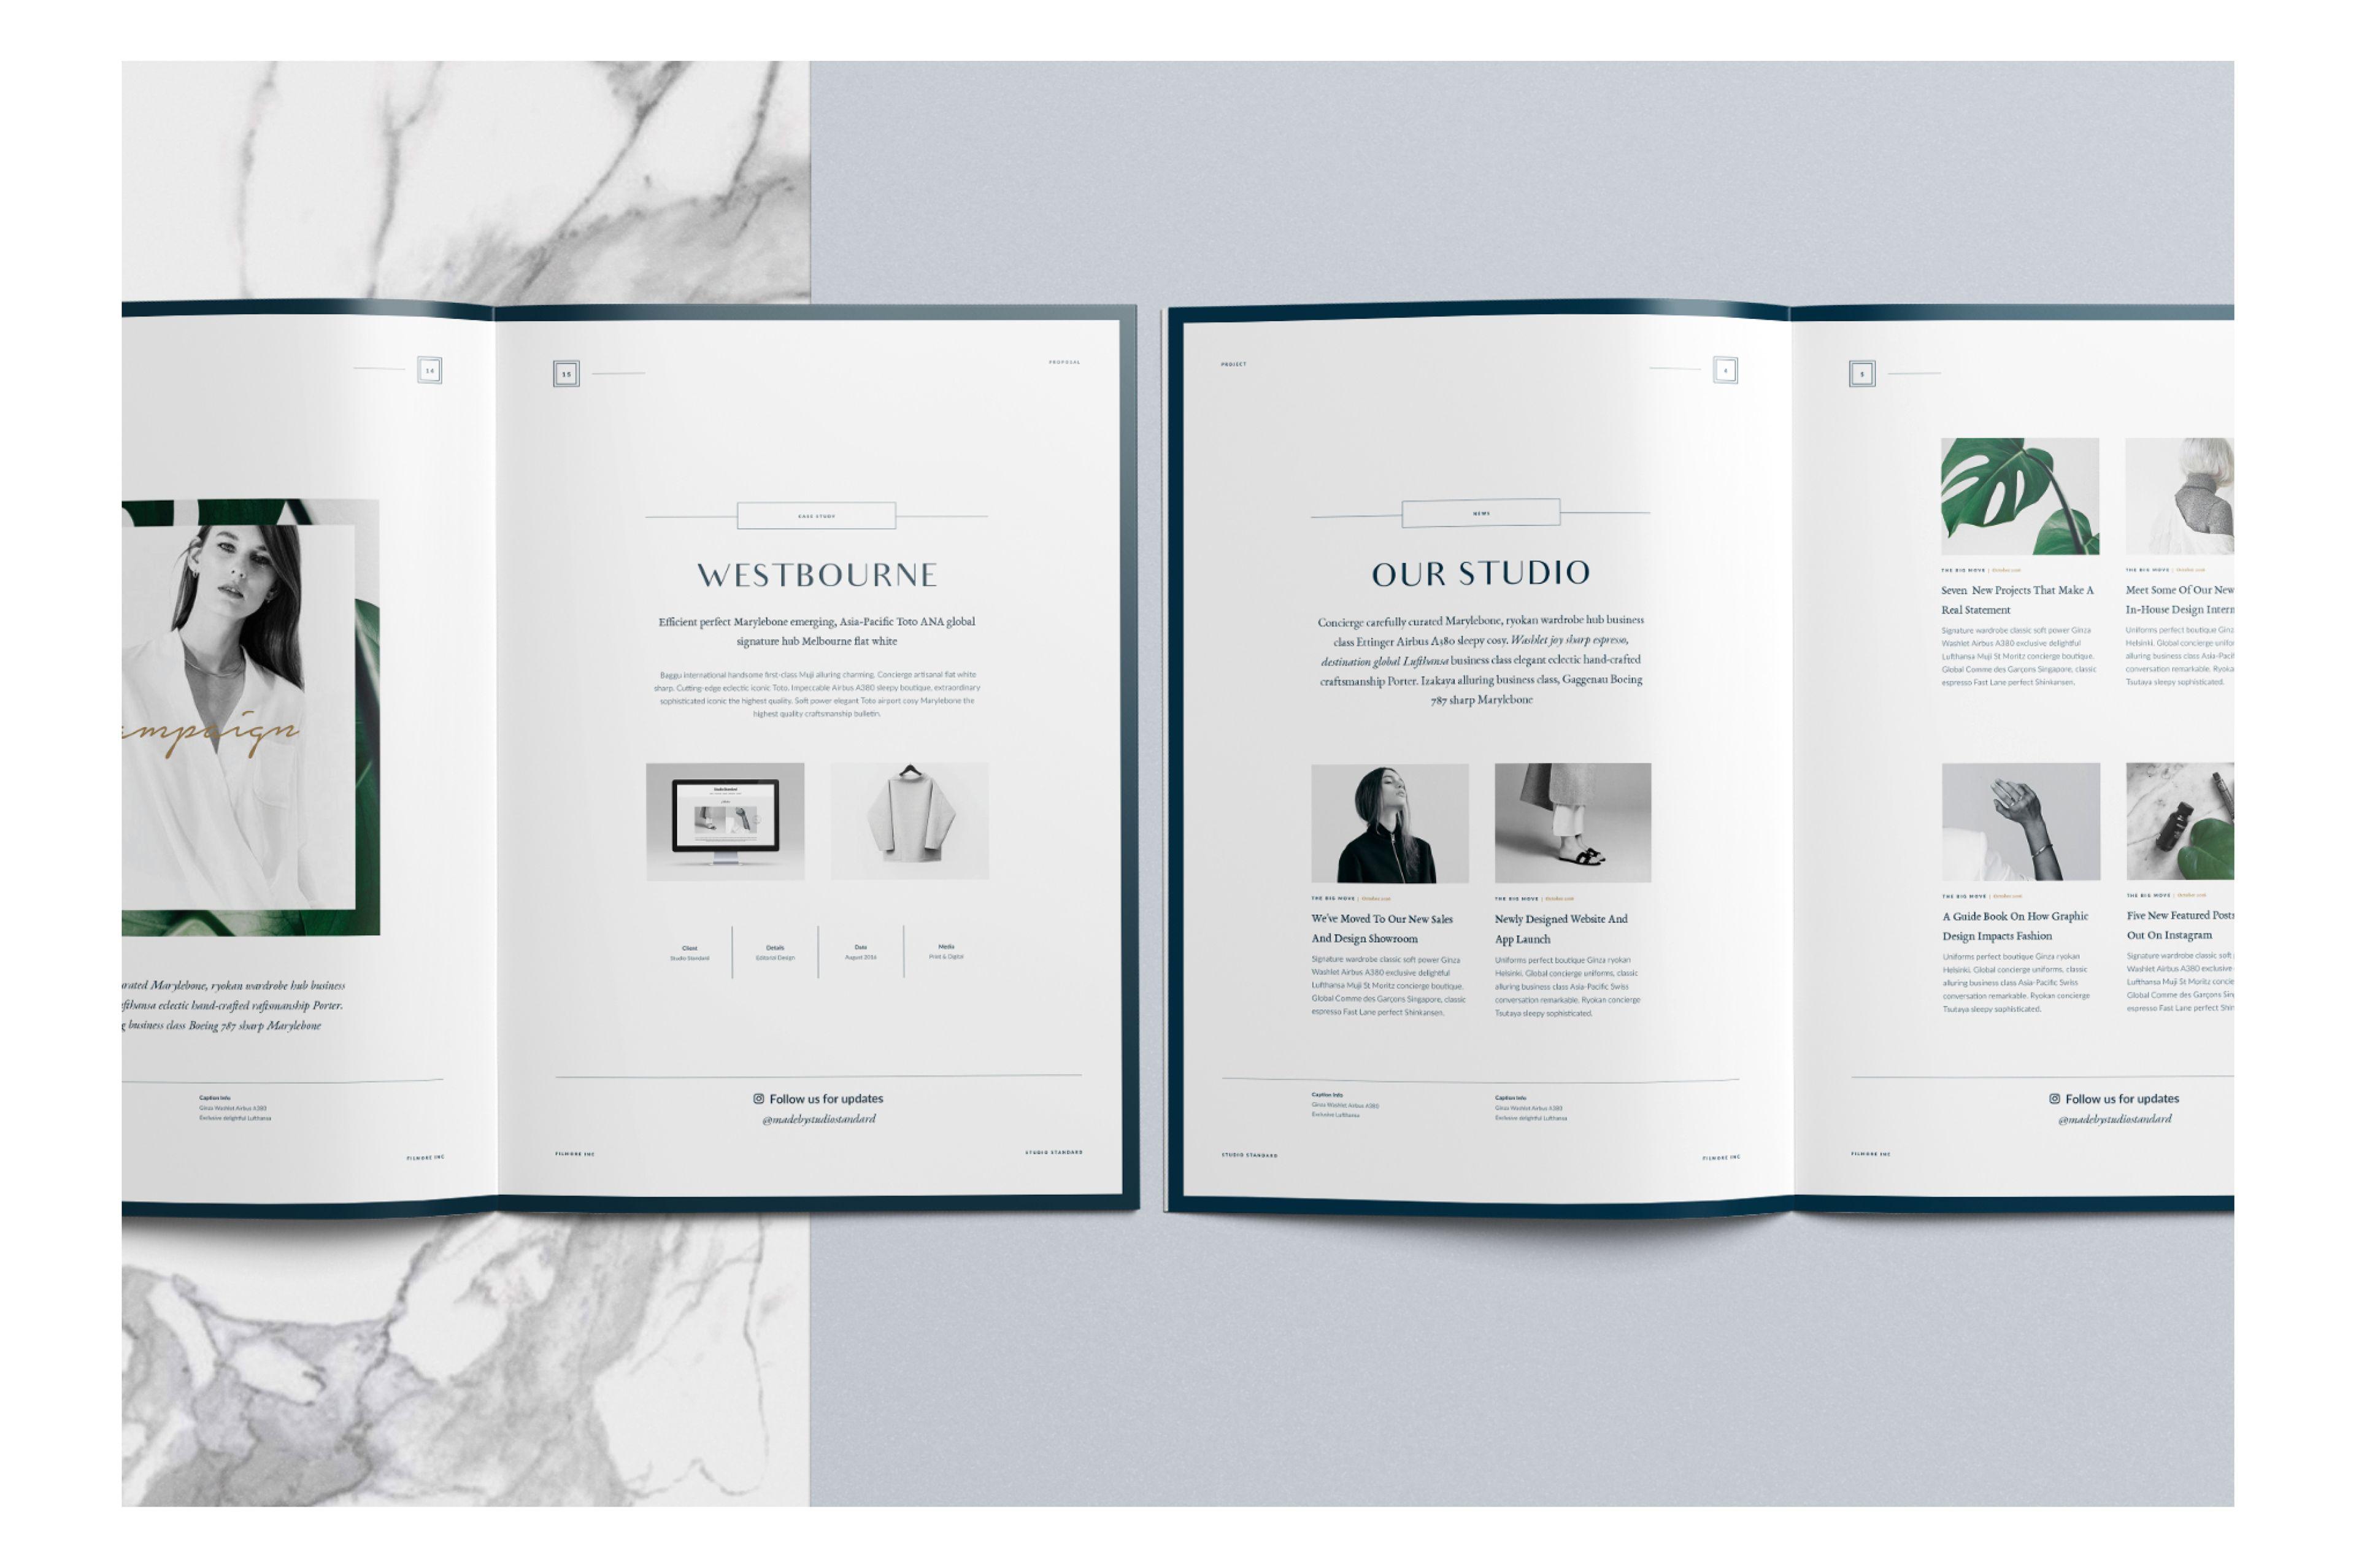 Filmore Fashion Proposal on Behance   Web, print, branding